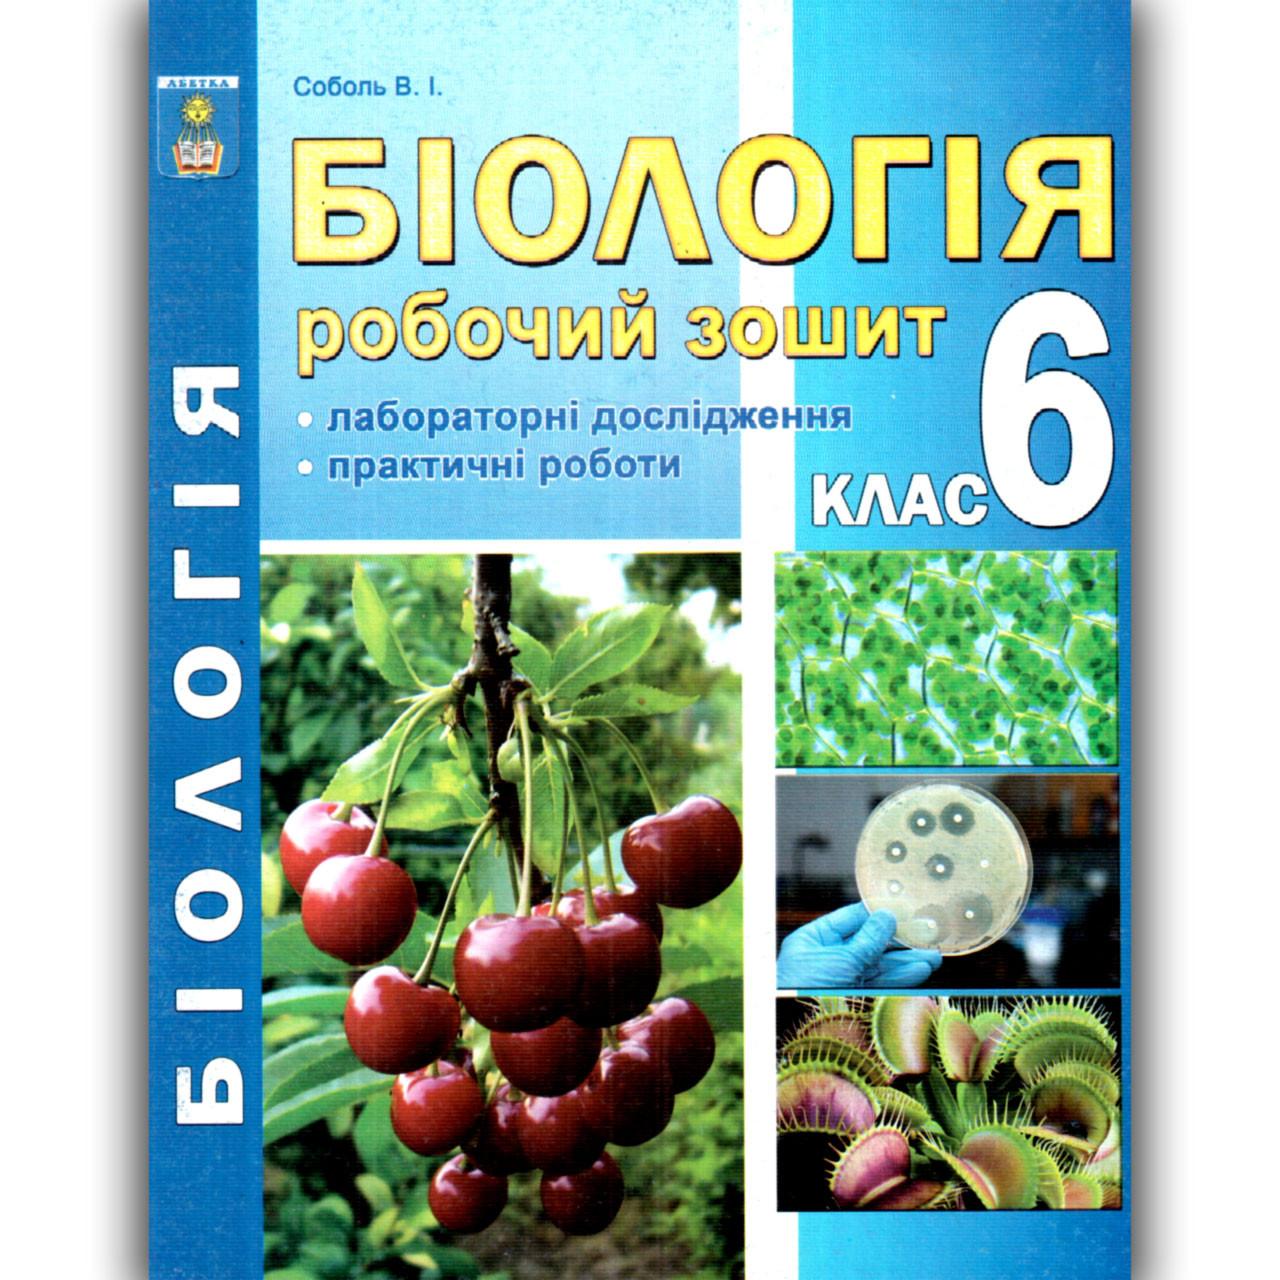 Робочий зошит з Біології 6 клас До підручника Костікова І. Авт: Котик Т. Вид: Освіта